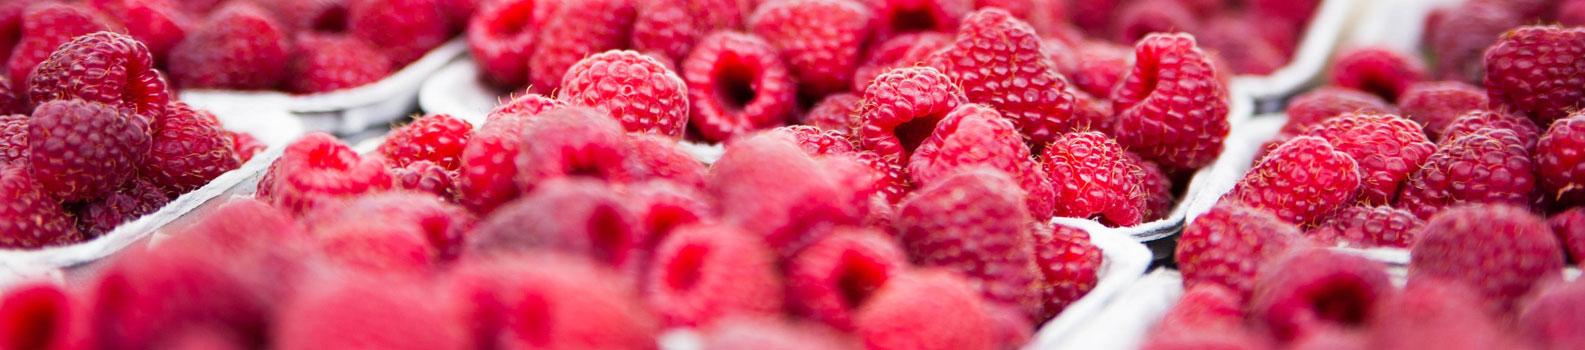 Erdbeeren Holzner - Unsere Beeren: frische Himbeeren direkt vom Feld